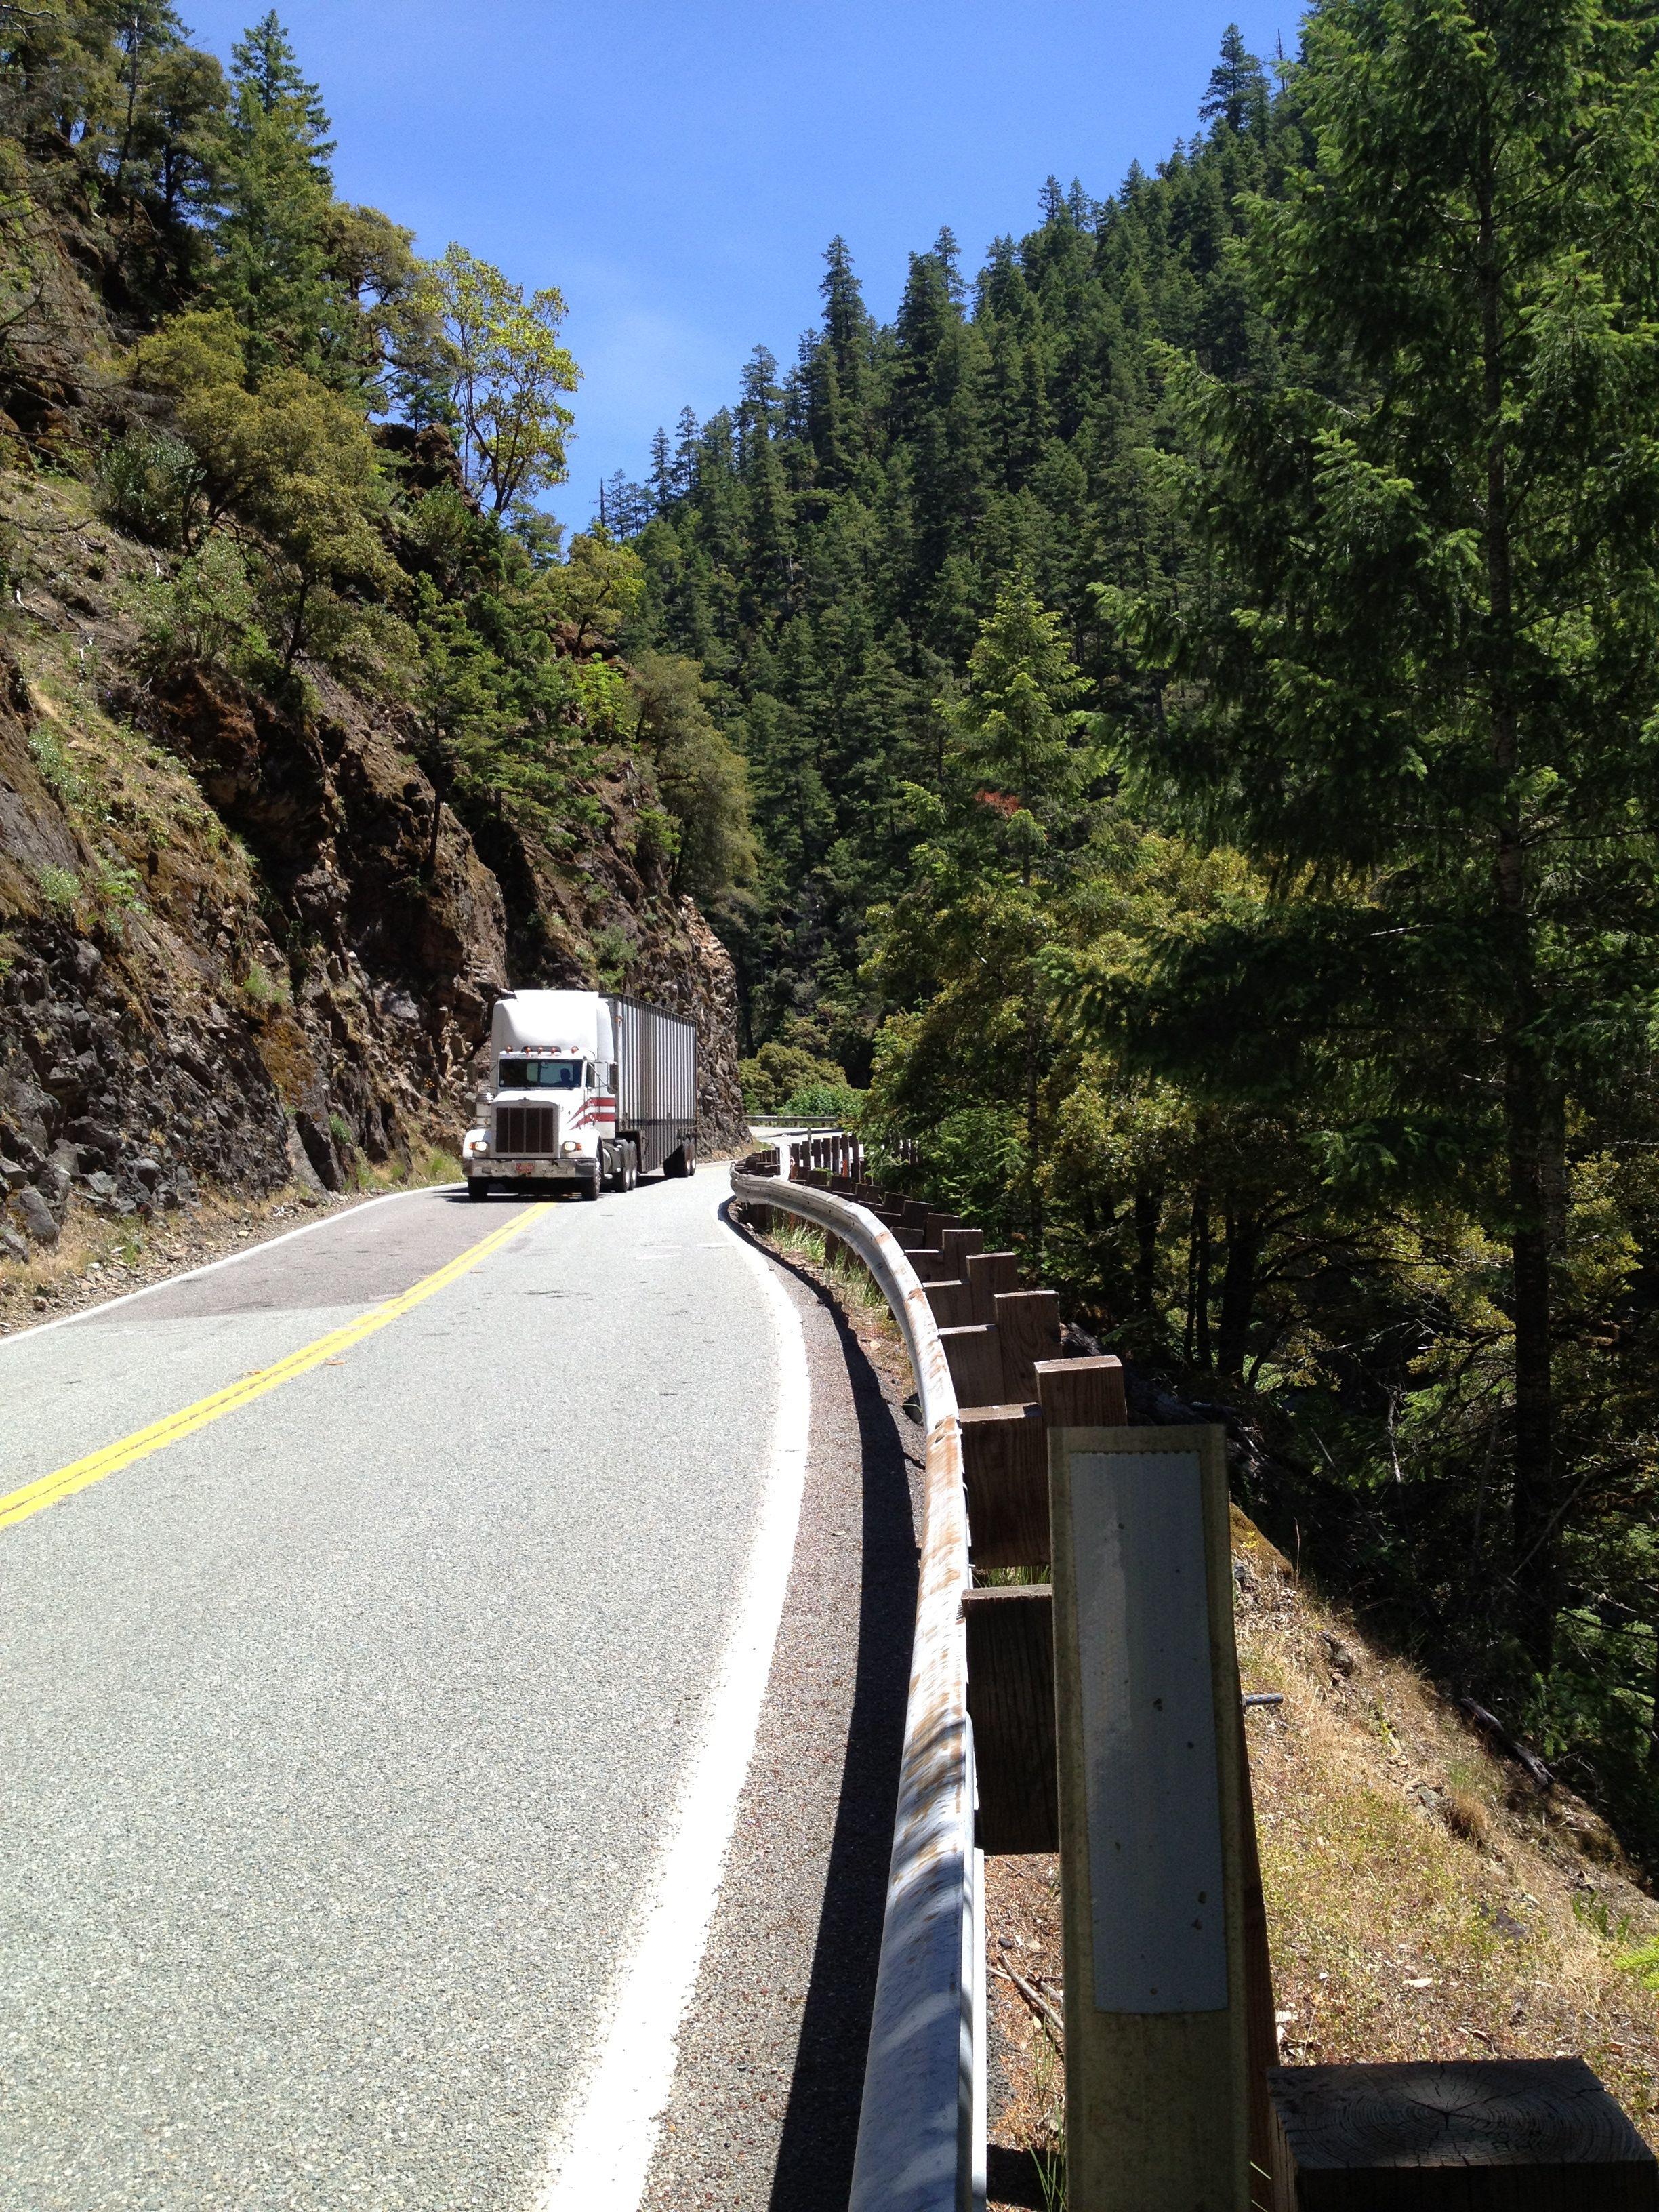 White-truck-offtracking.jpg